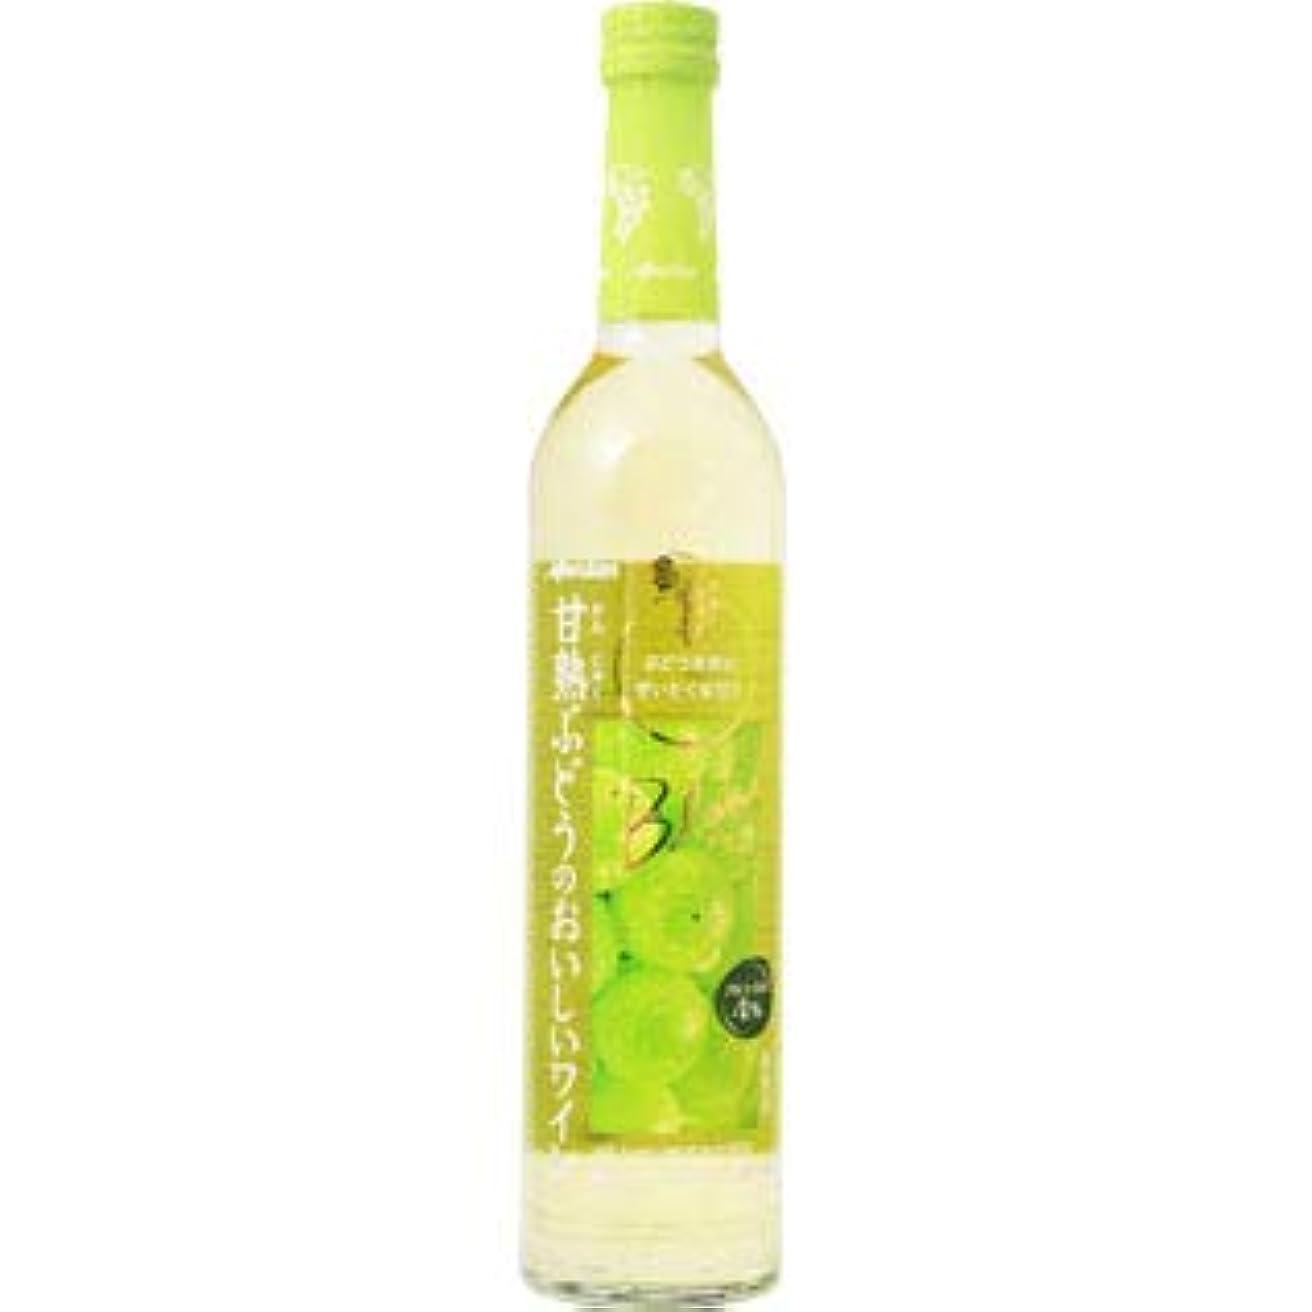 想定する進むクラウンメルシャン 甘熟ぶどうのおいしいワイン 白 500ml